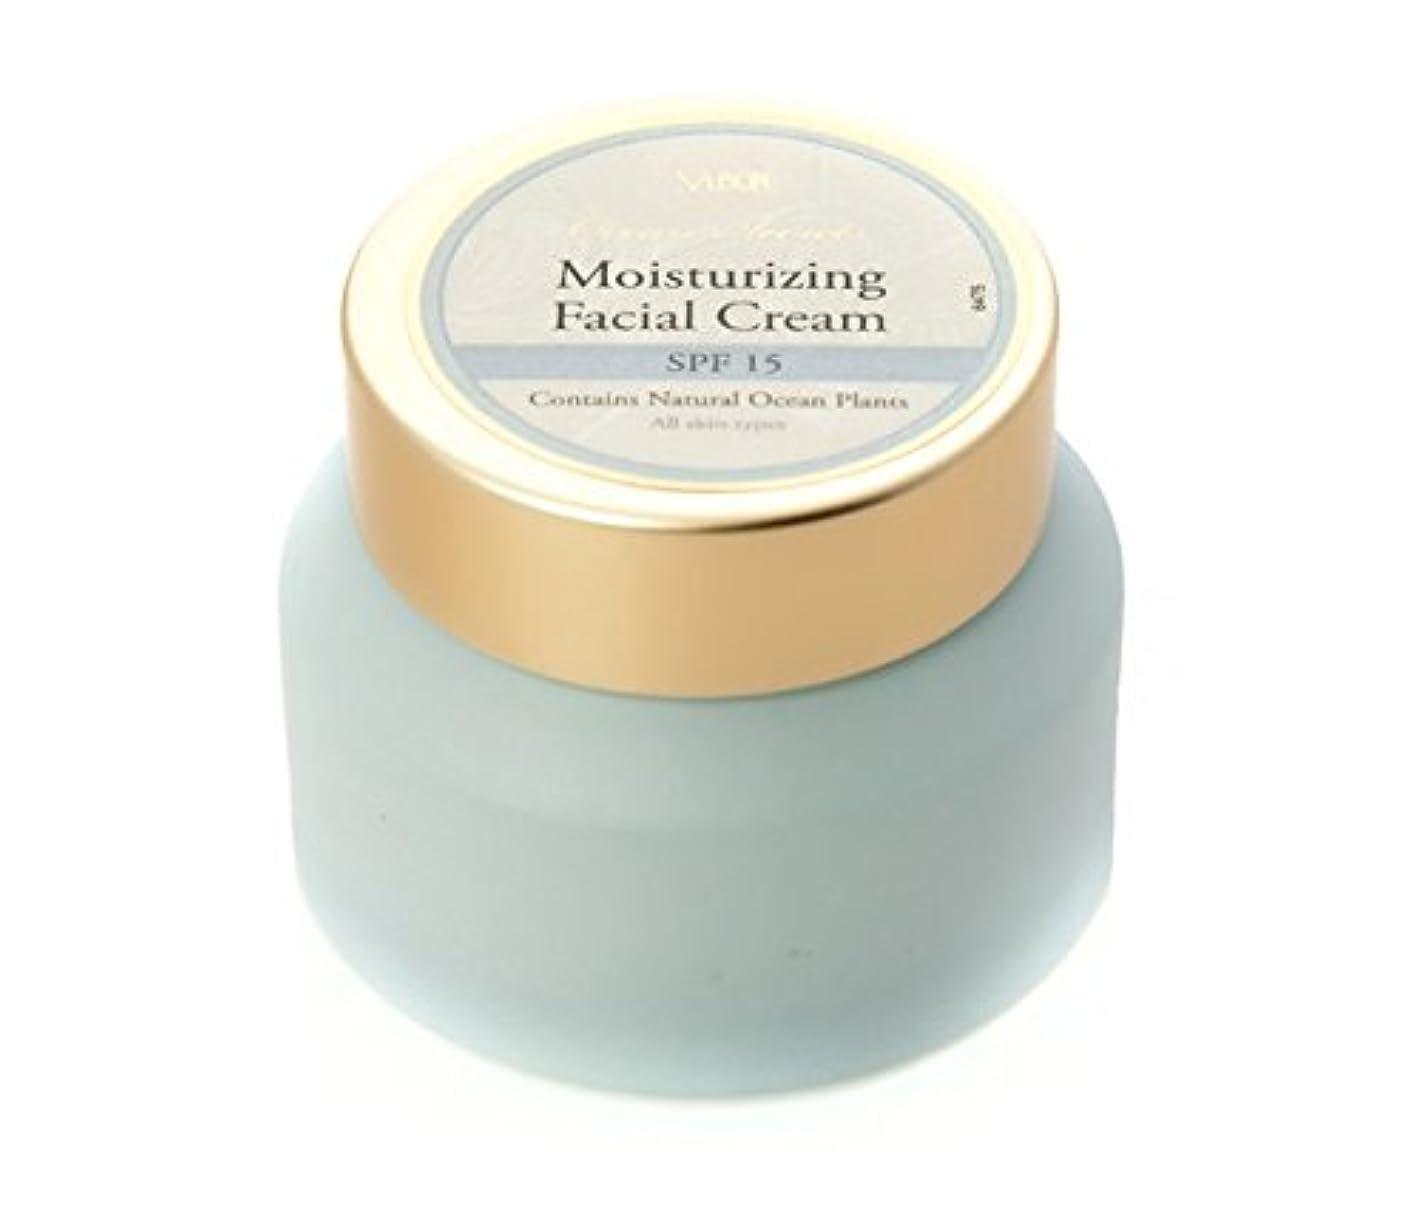 ヒップ湿った寂しい【SABON(サボン)】モイスチャライジング フェイシャルクリームSPF15(Ocean Secrets AP Moisturizing Facial Cream SPF 15)イスラエル発 並行輸入品 海外直送